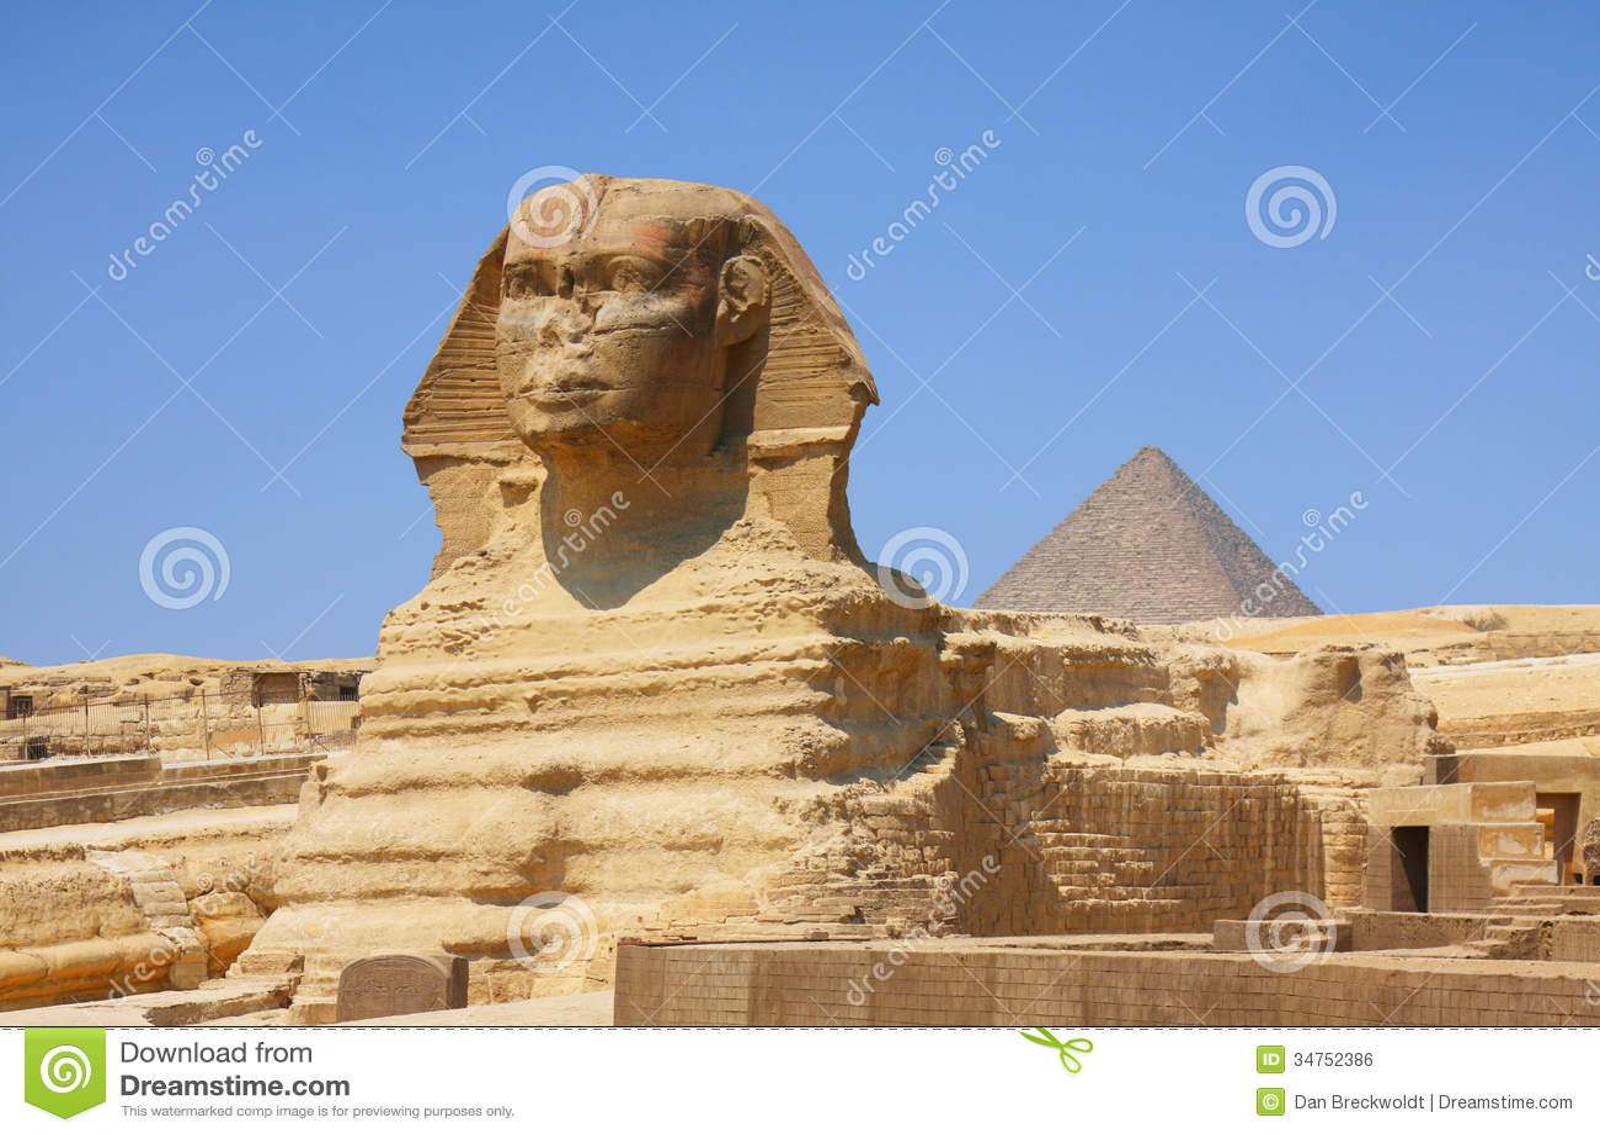 Die Sphinx und die Pyramiden in Ägypten